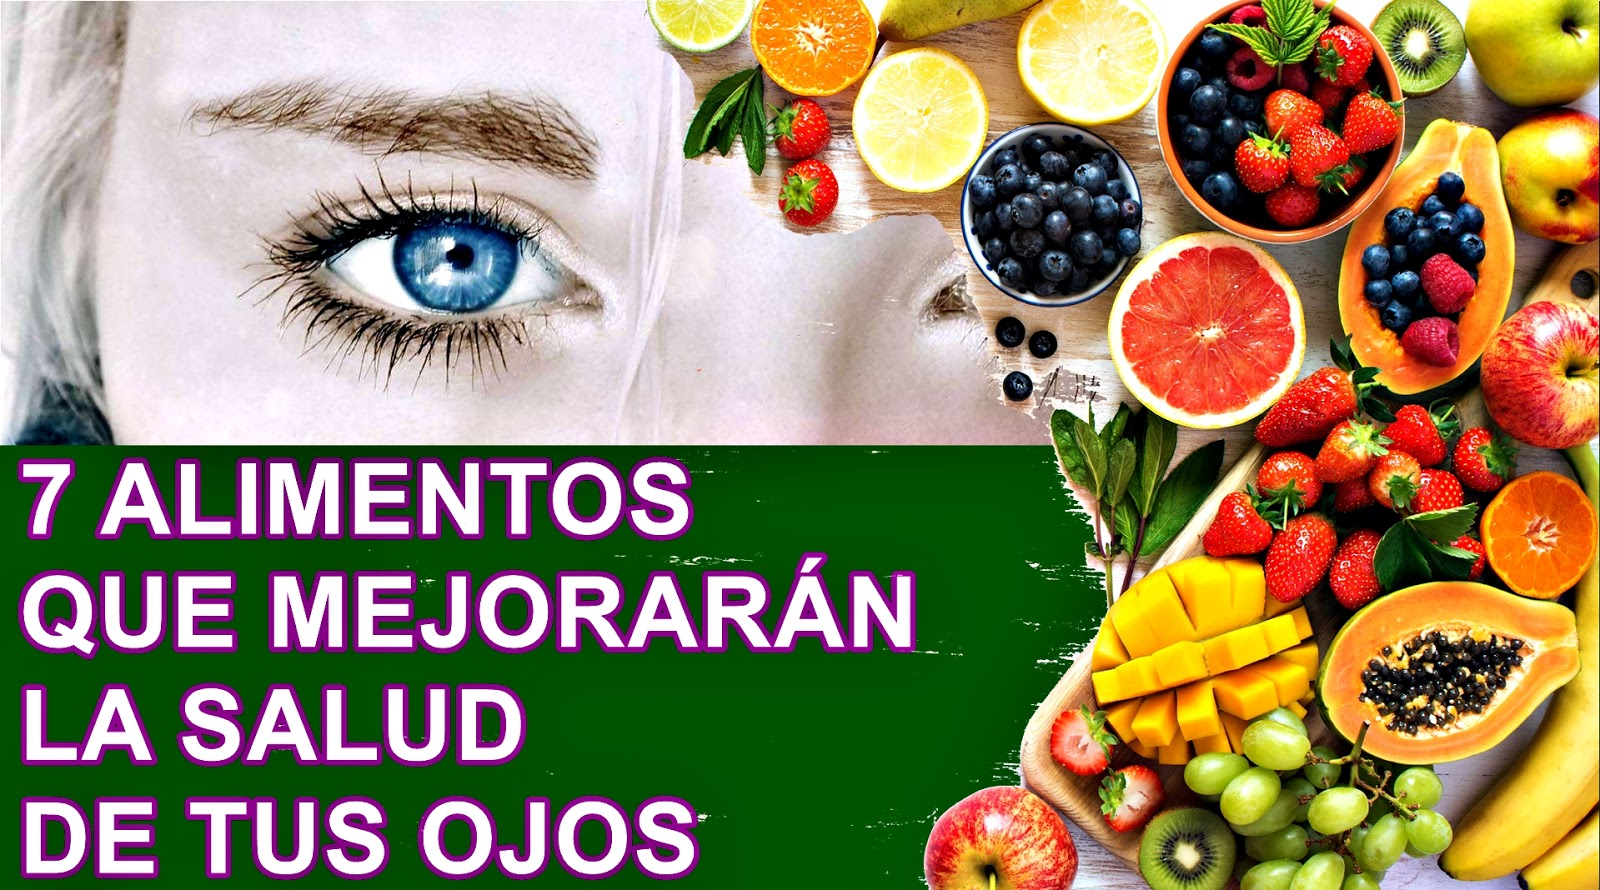 alimentos que mejoran tu visión y salud en ojos